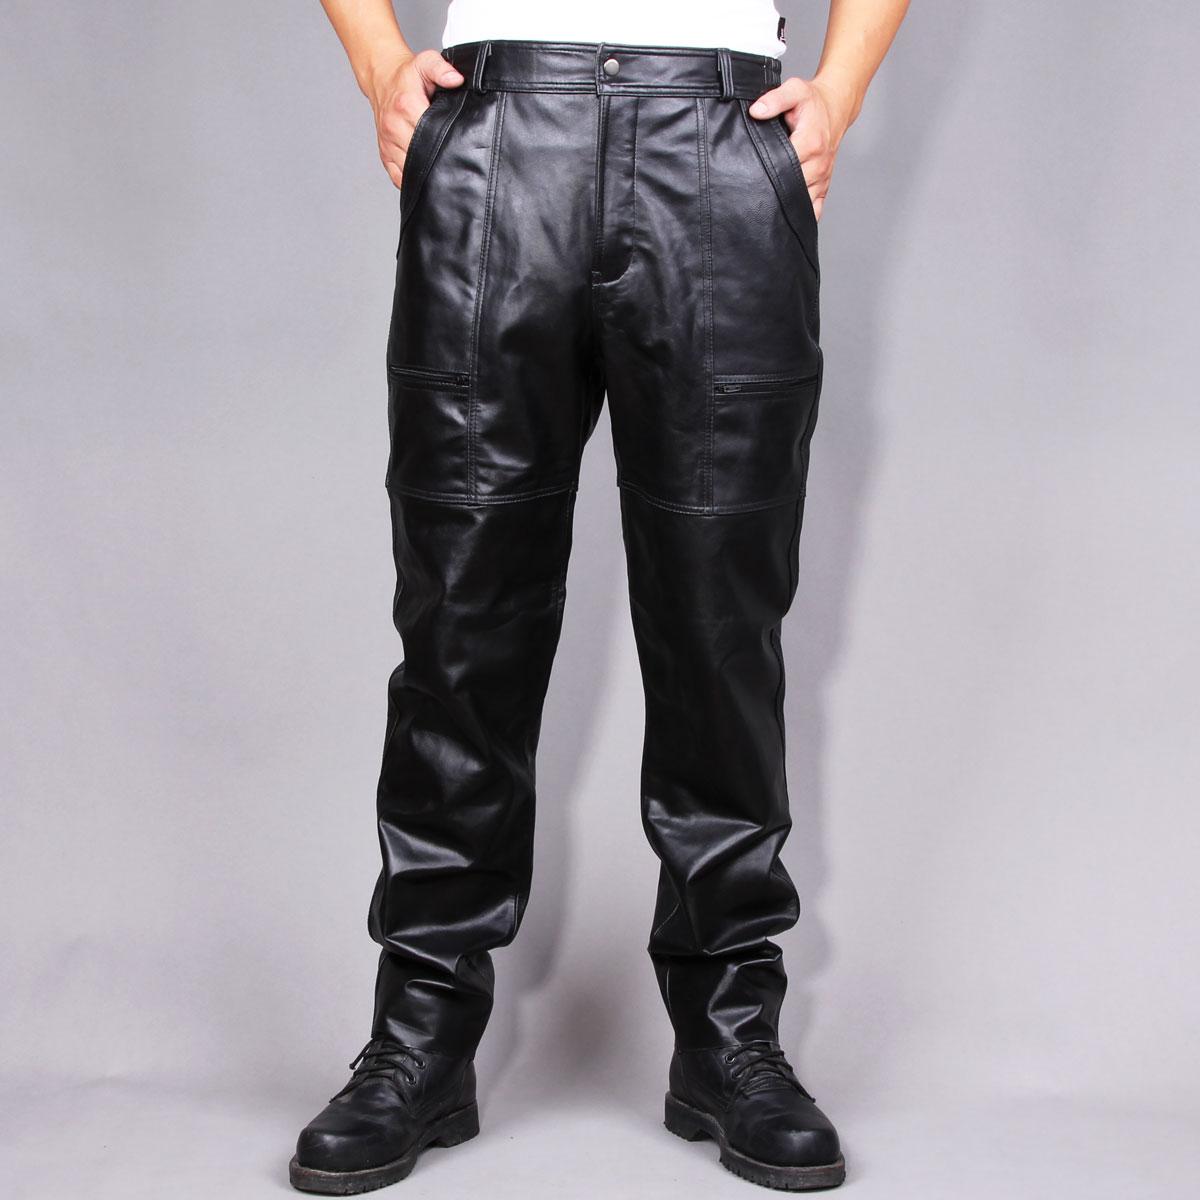 Мужские кожаные брюки купить с доставкой